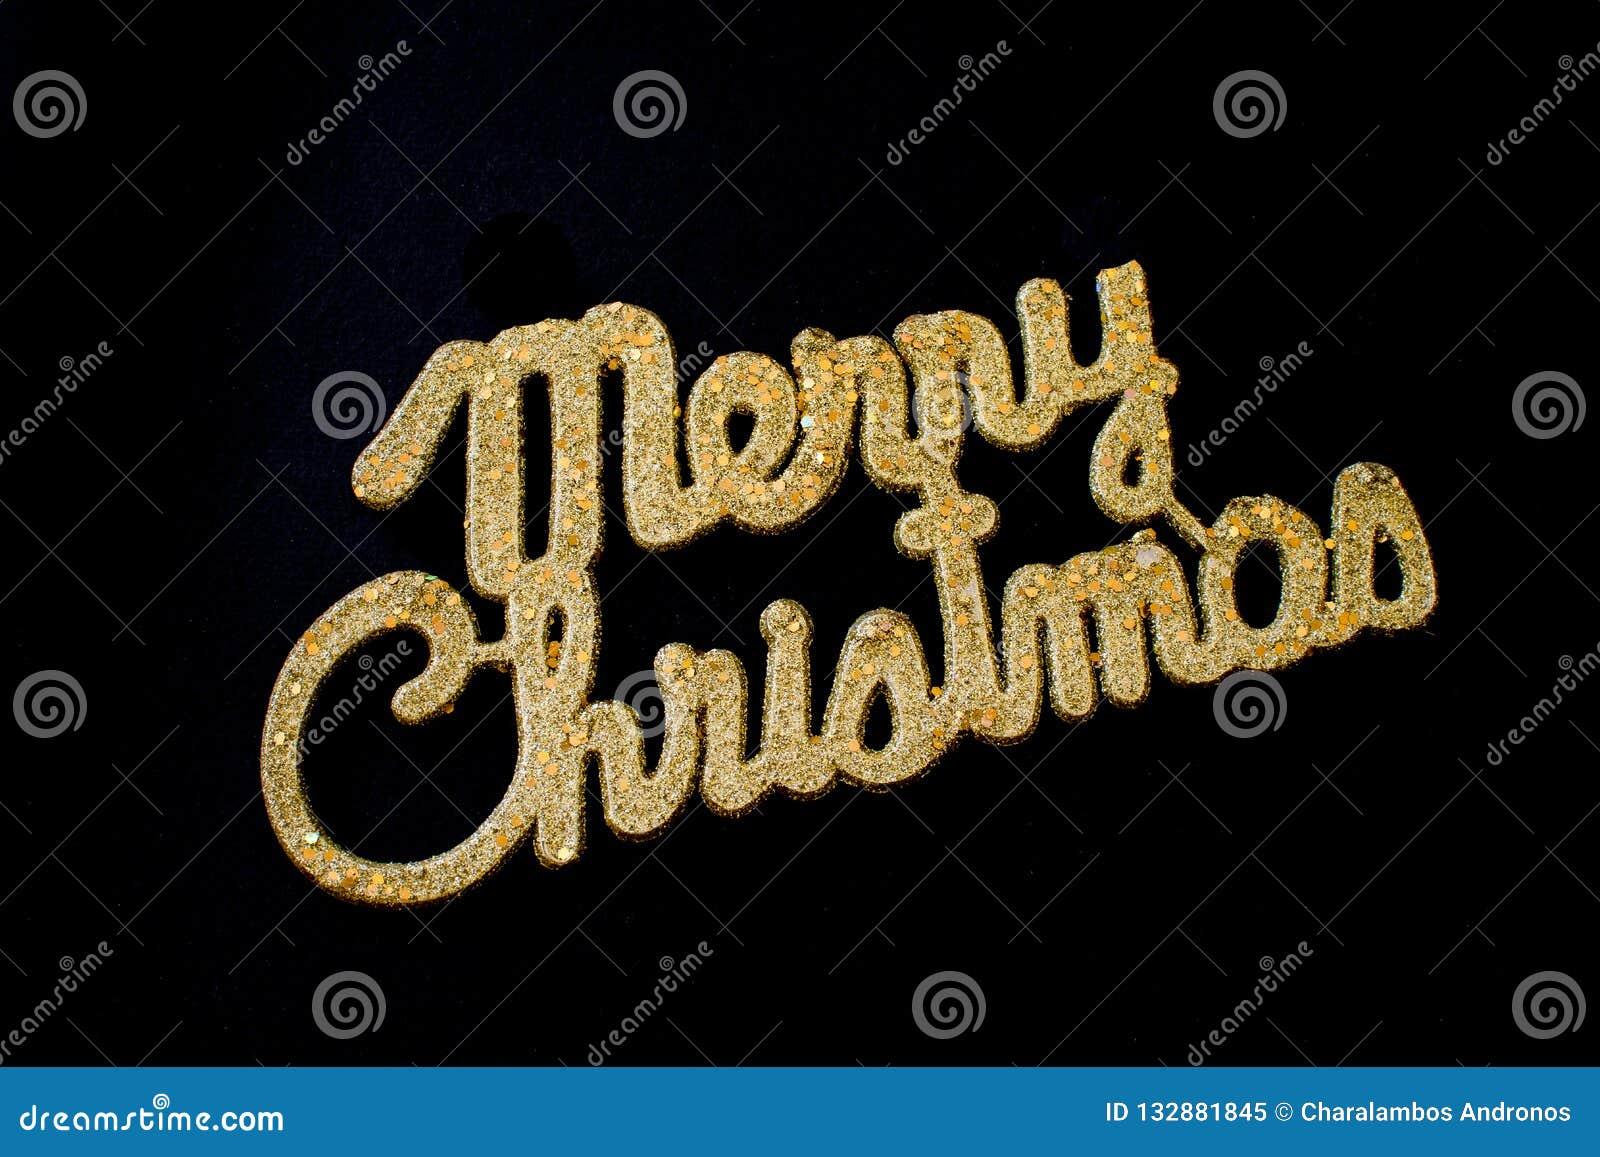 Goldener Text der frohen Weihnachten auf einem schwarzen Hintergrund